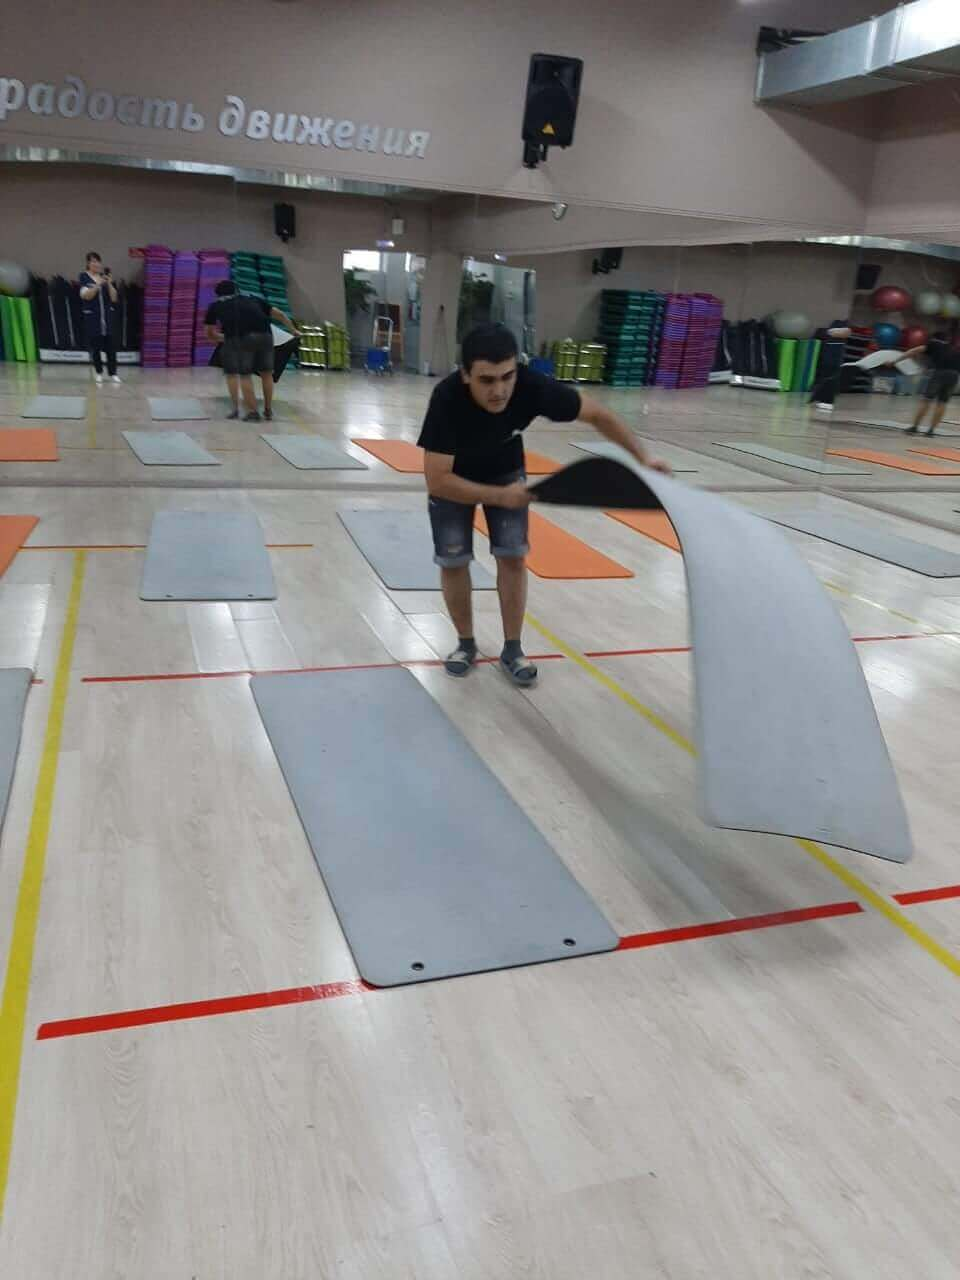 Уборщики моют спортивные коврики в фитнес-клубе